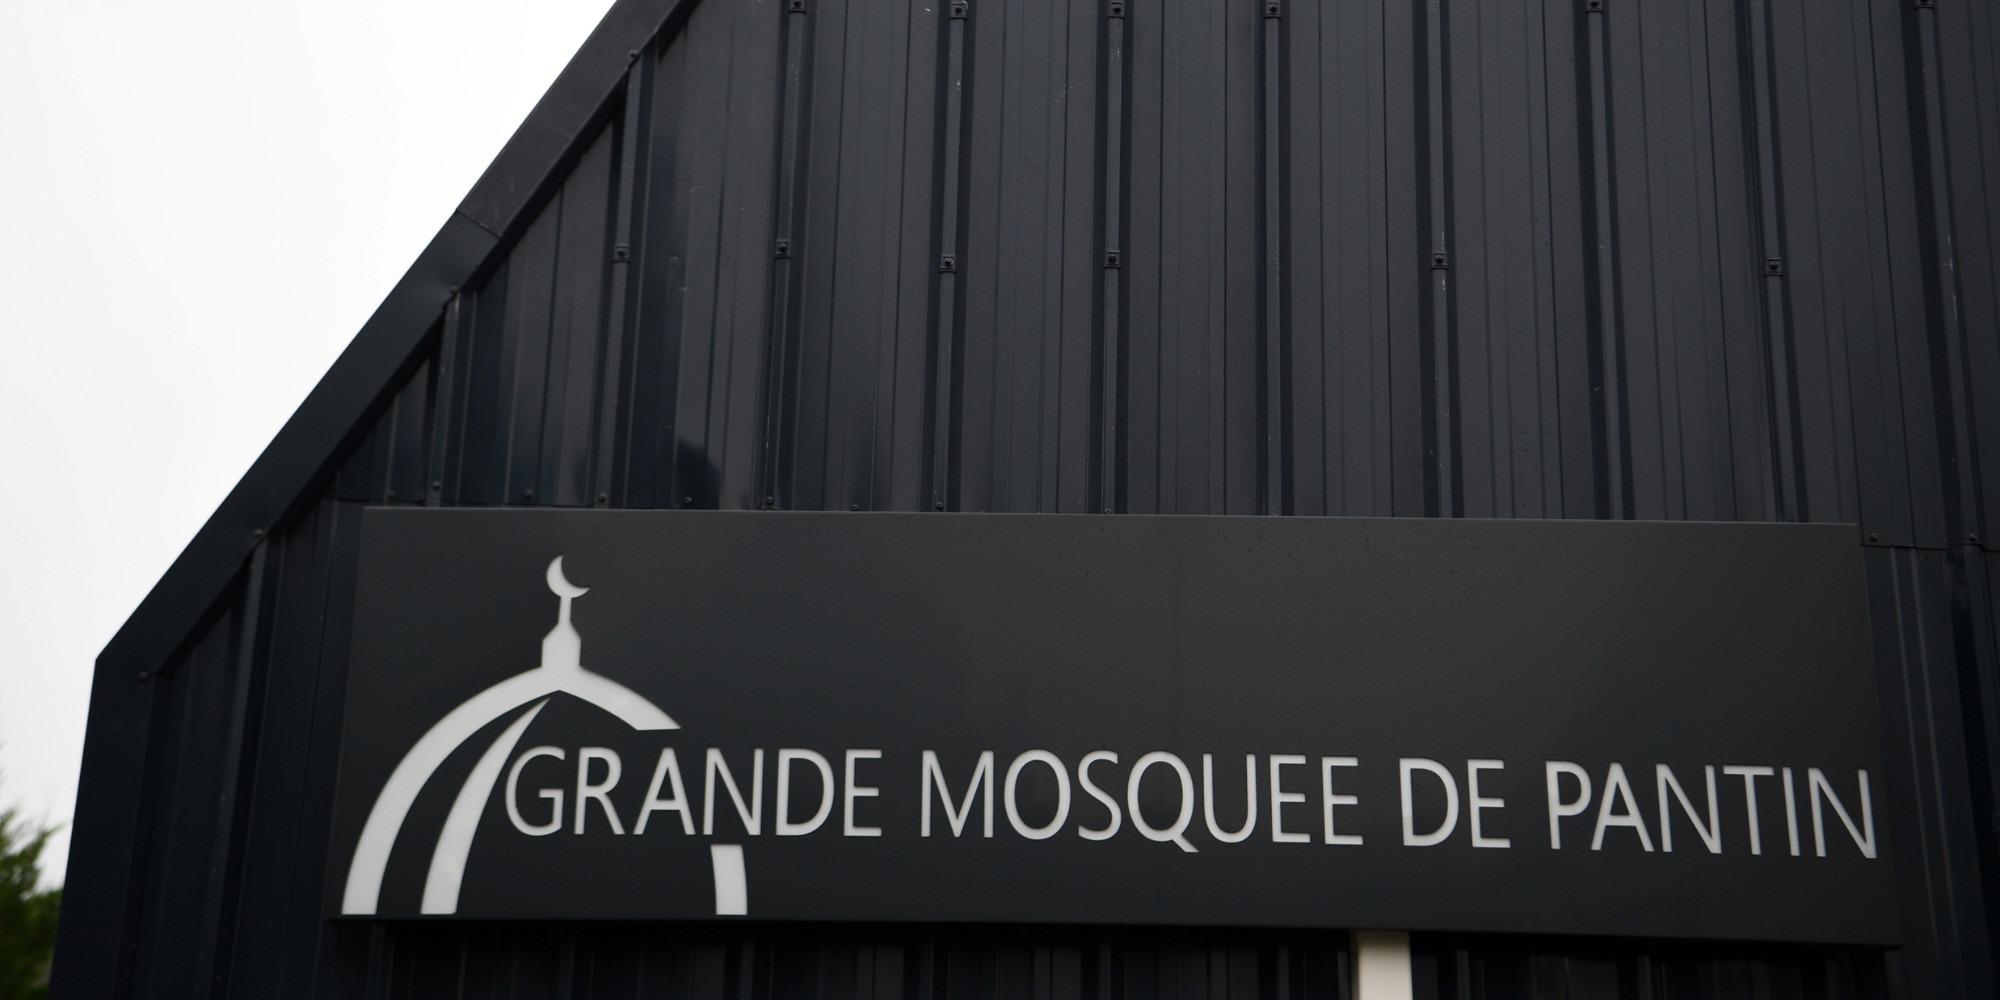 La Grande mosquée de Pantin rouvre ses portes aux fidèles